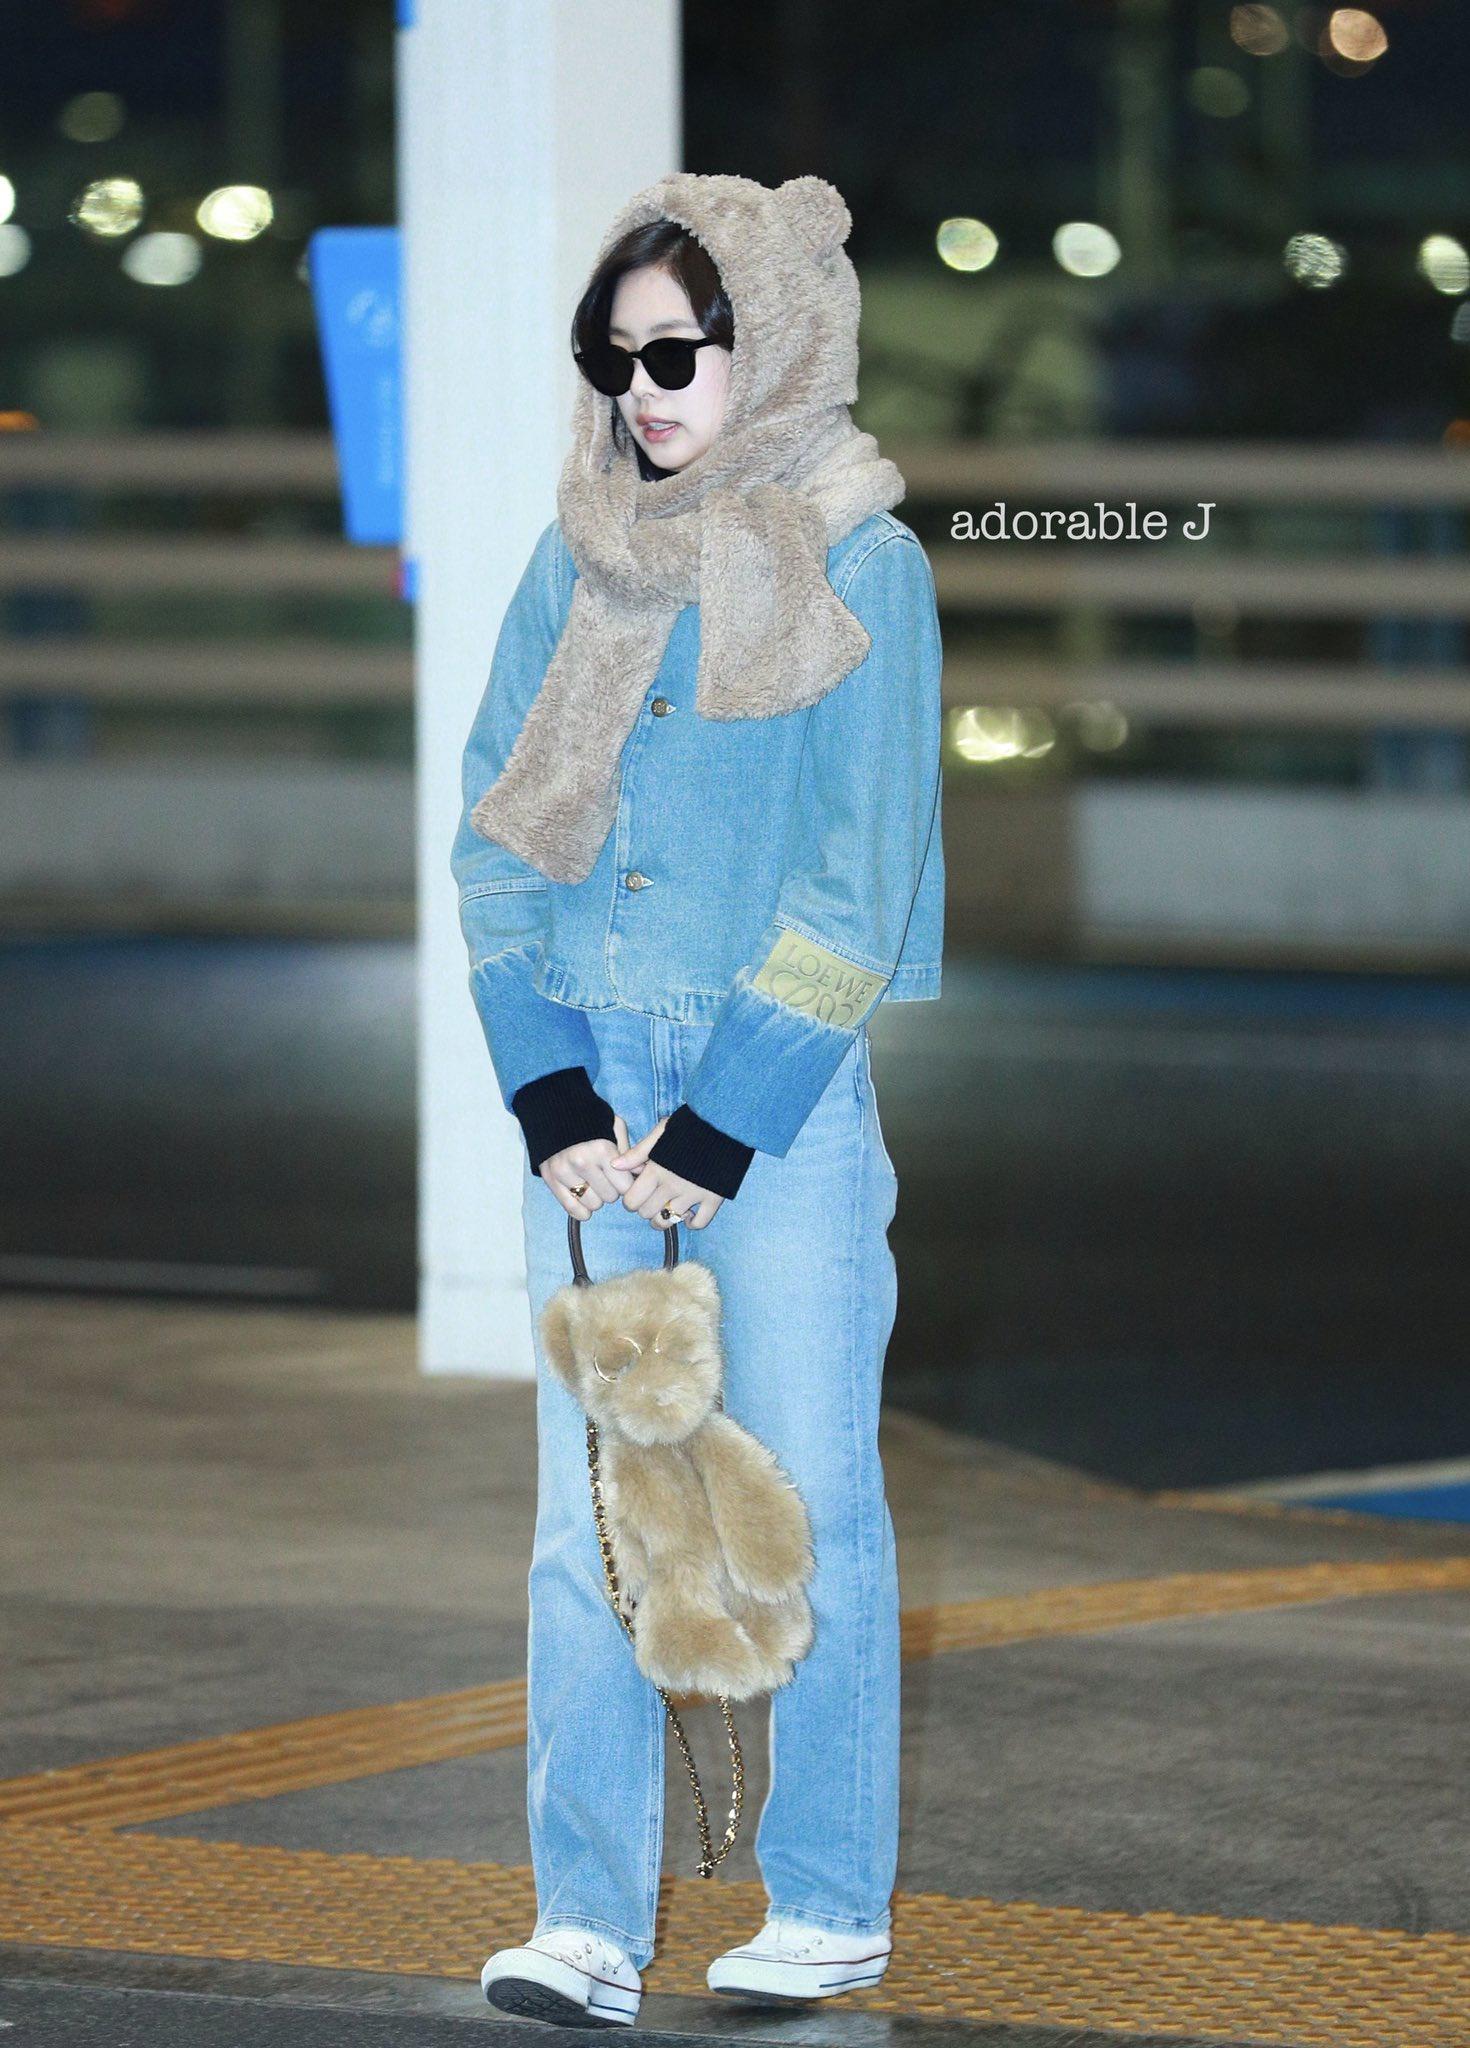 珍妮也来北京了,戴着小熊帽子拎着小熊包包